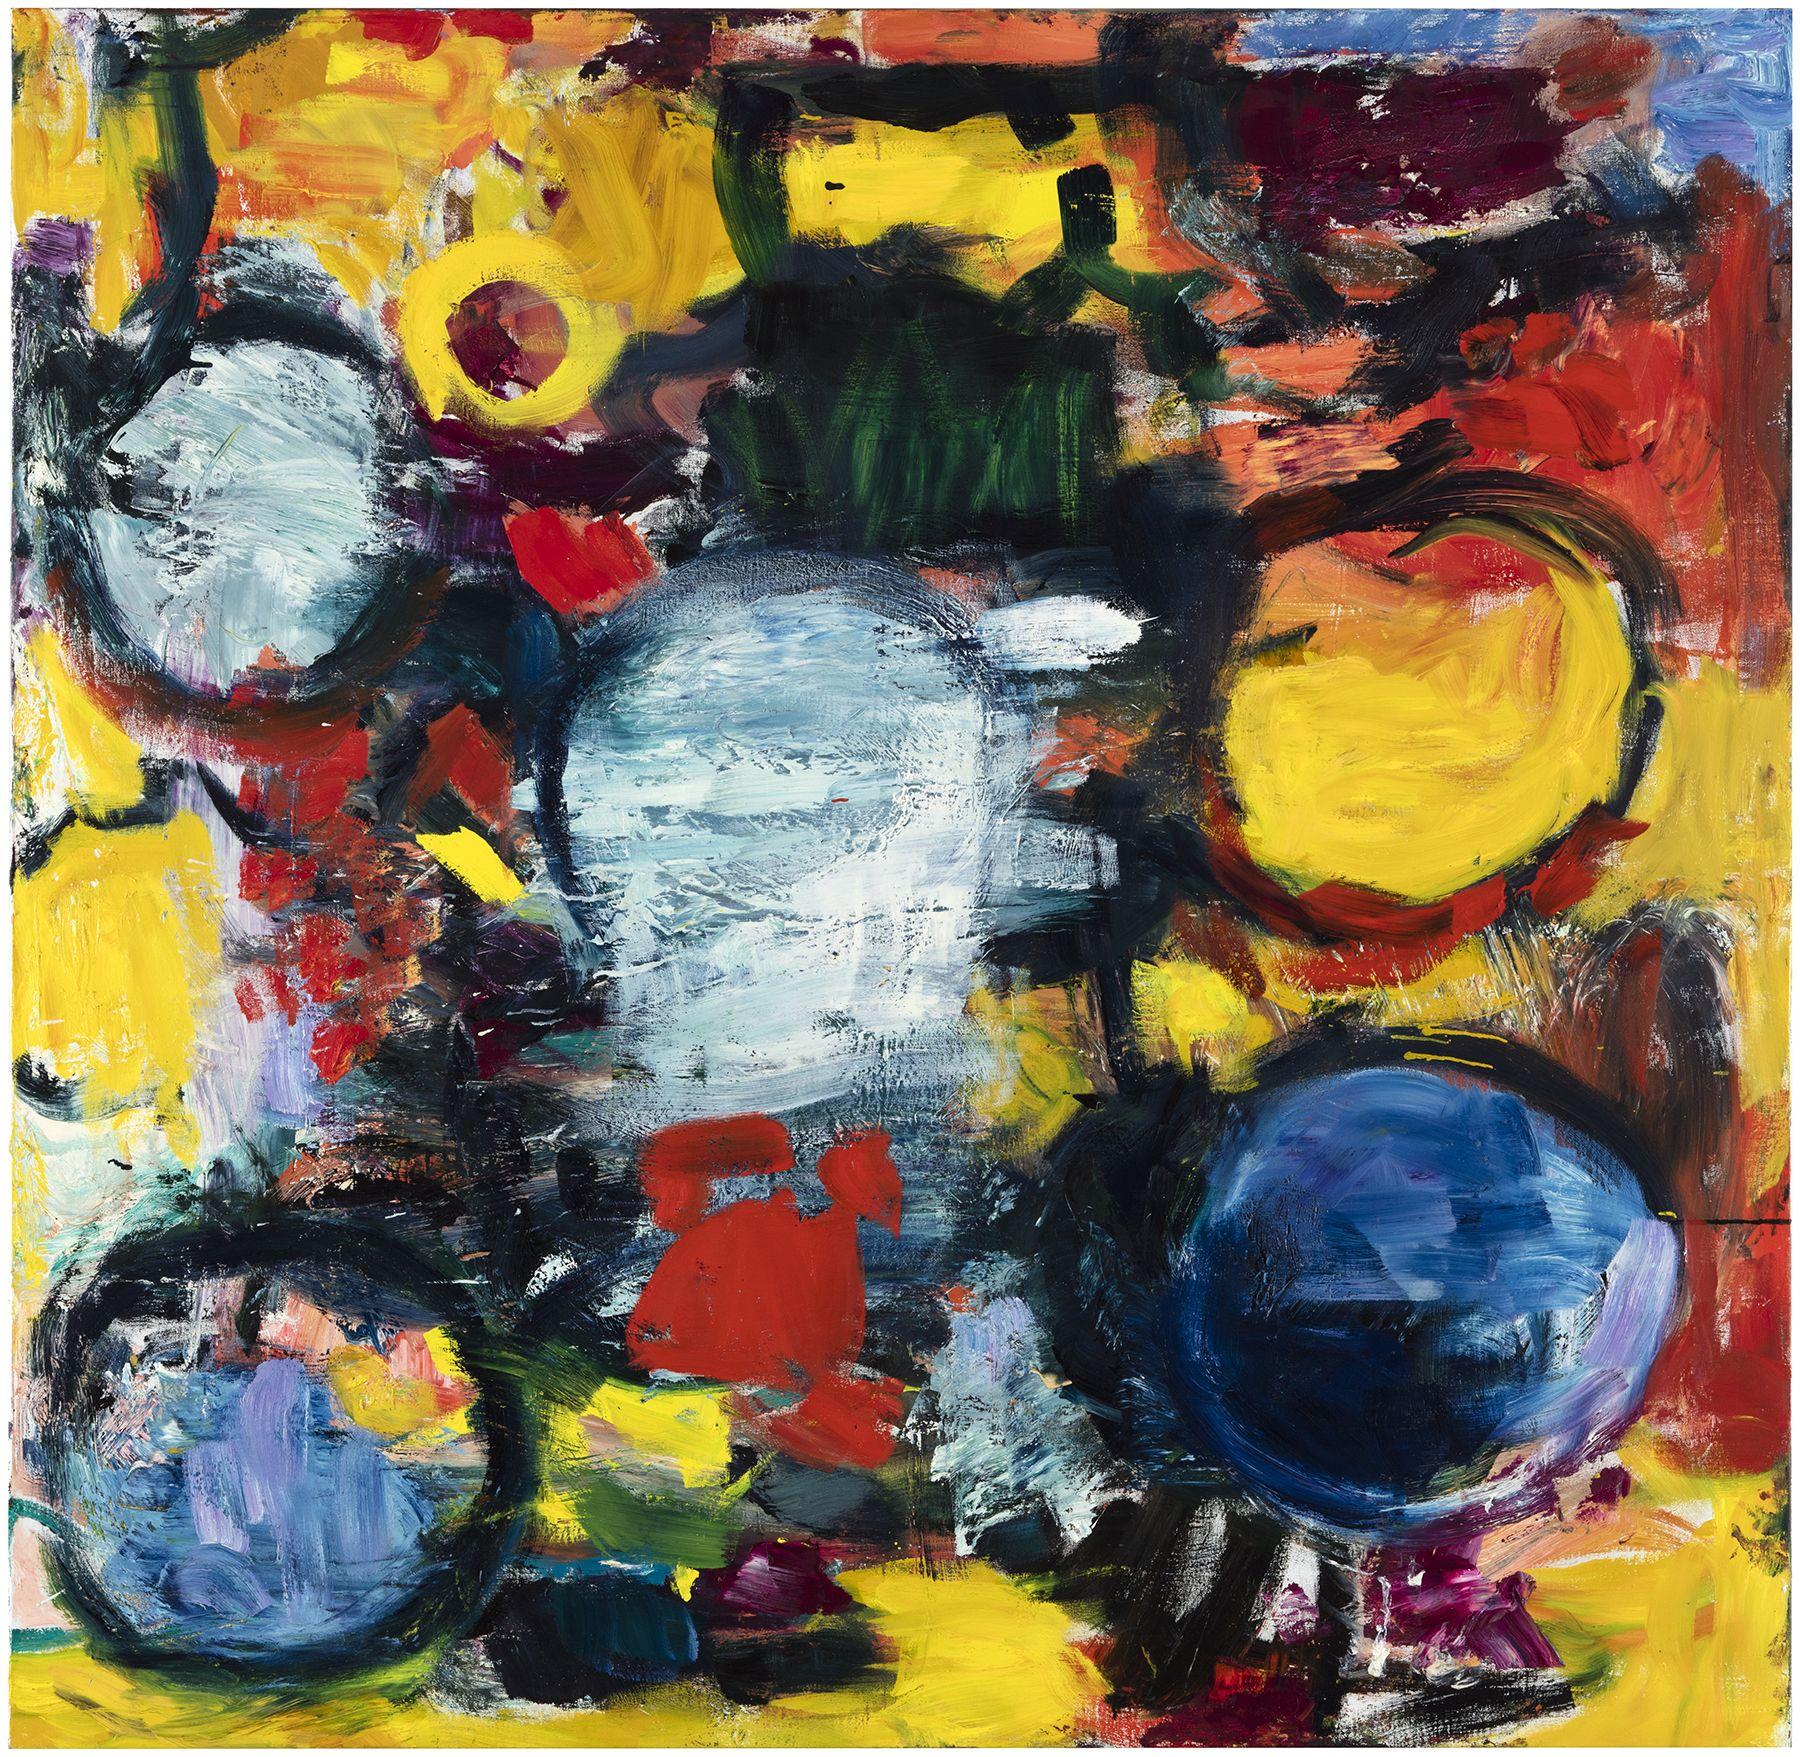 Kipinöitä, 2020, Oil on Canvas, Courtesy of the artist and Galerie Forsblom